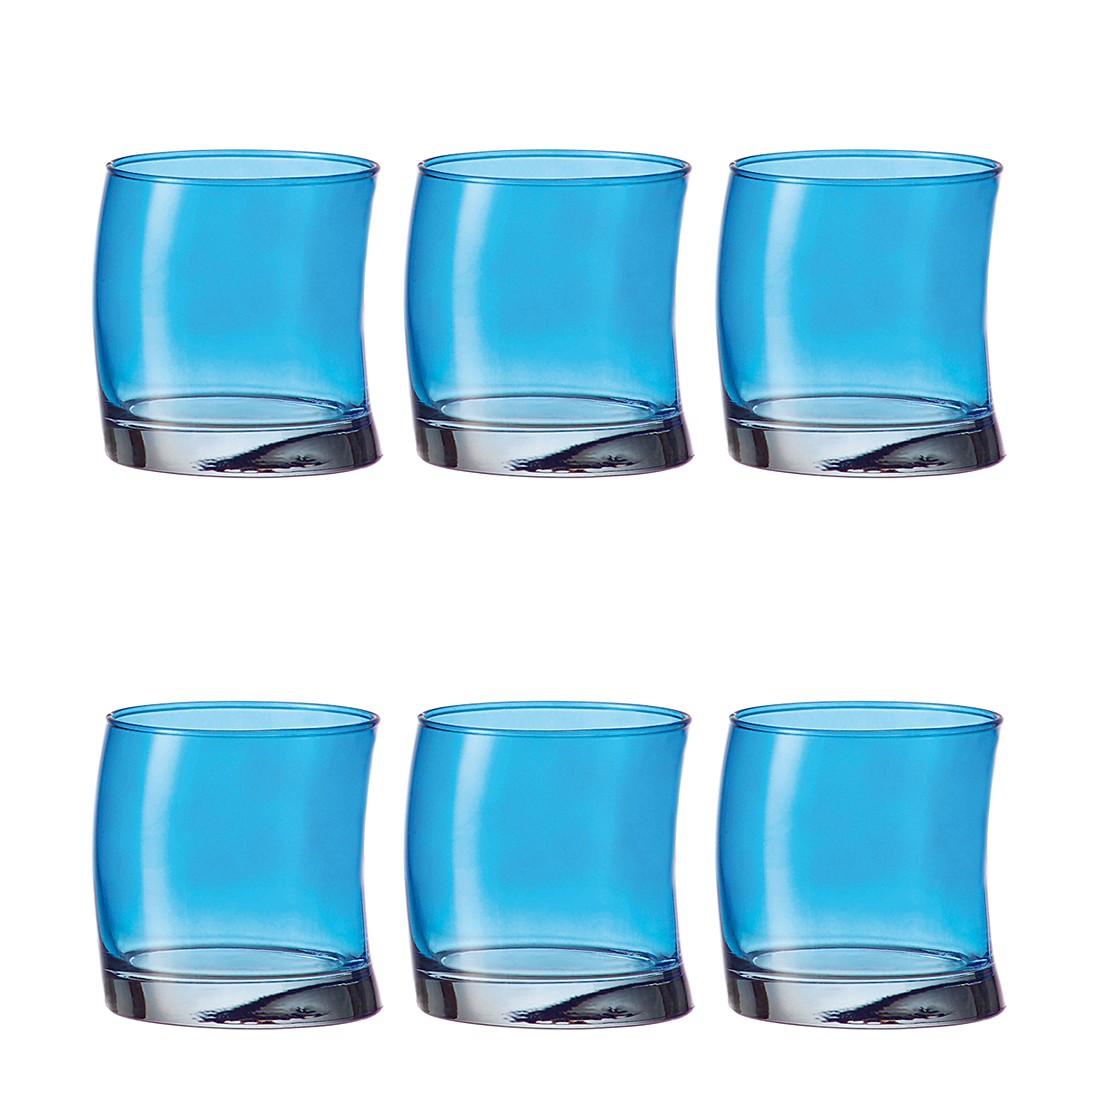 Becher Swing (6er-Set) – Klein – Blau, Leonardo günstig bestellen